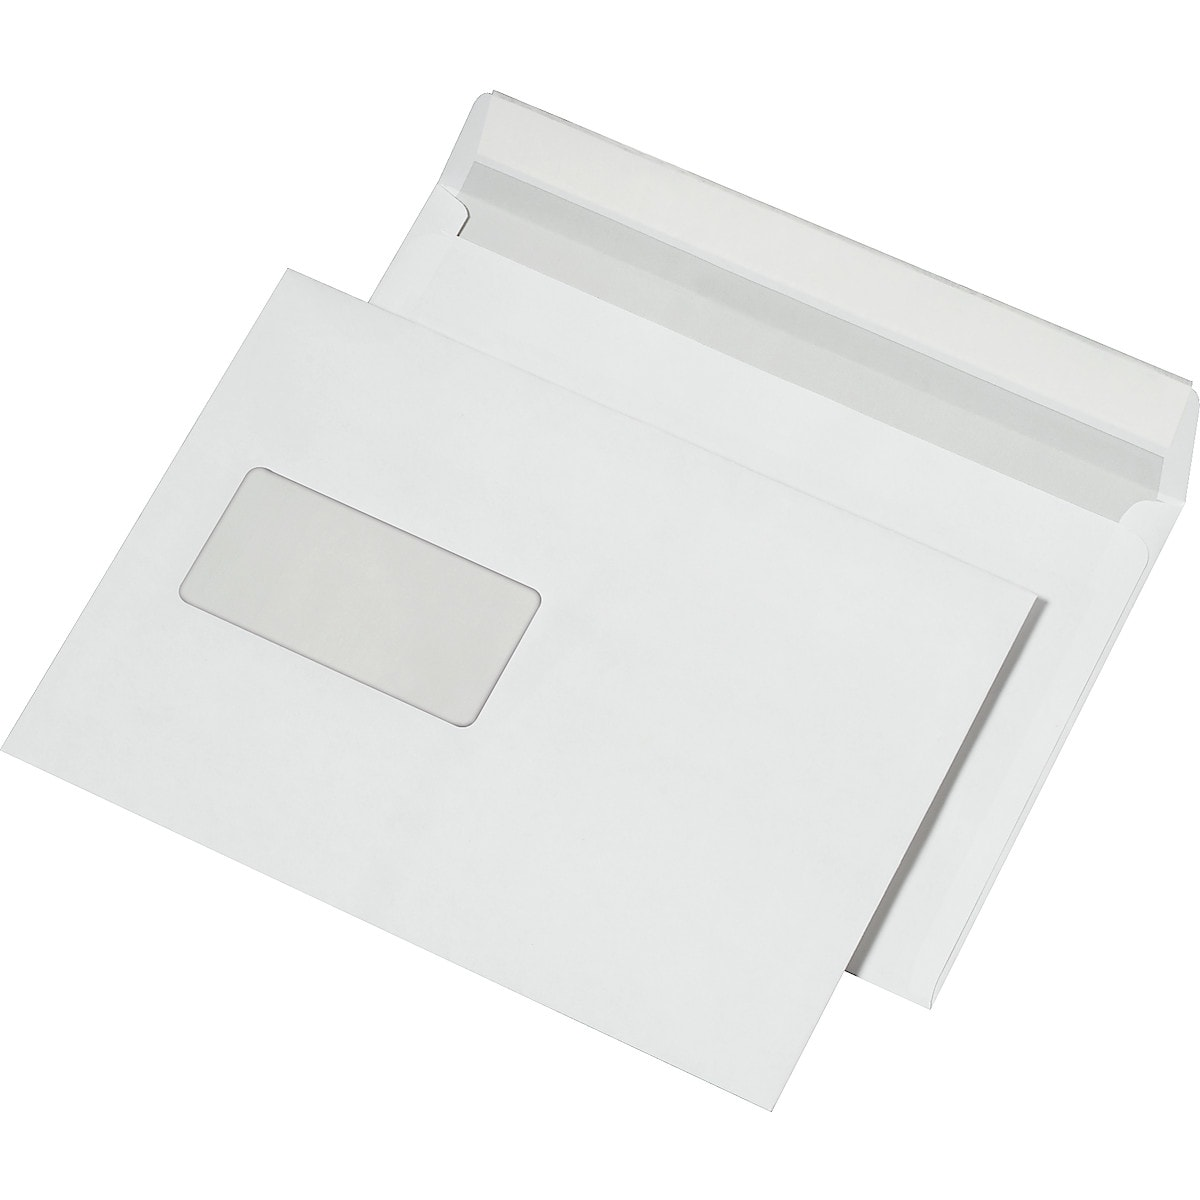 Sichtfensterkuvert C5 V 50er-Pack